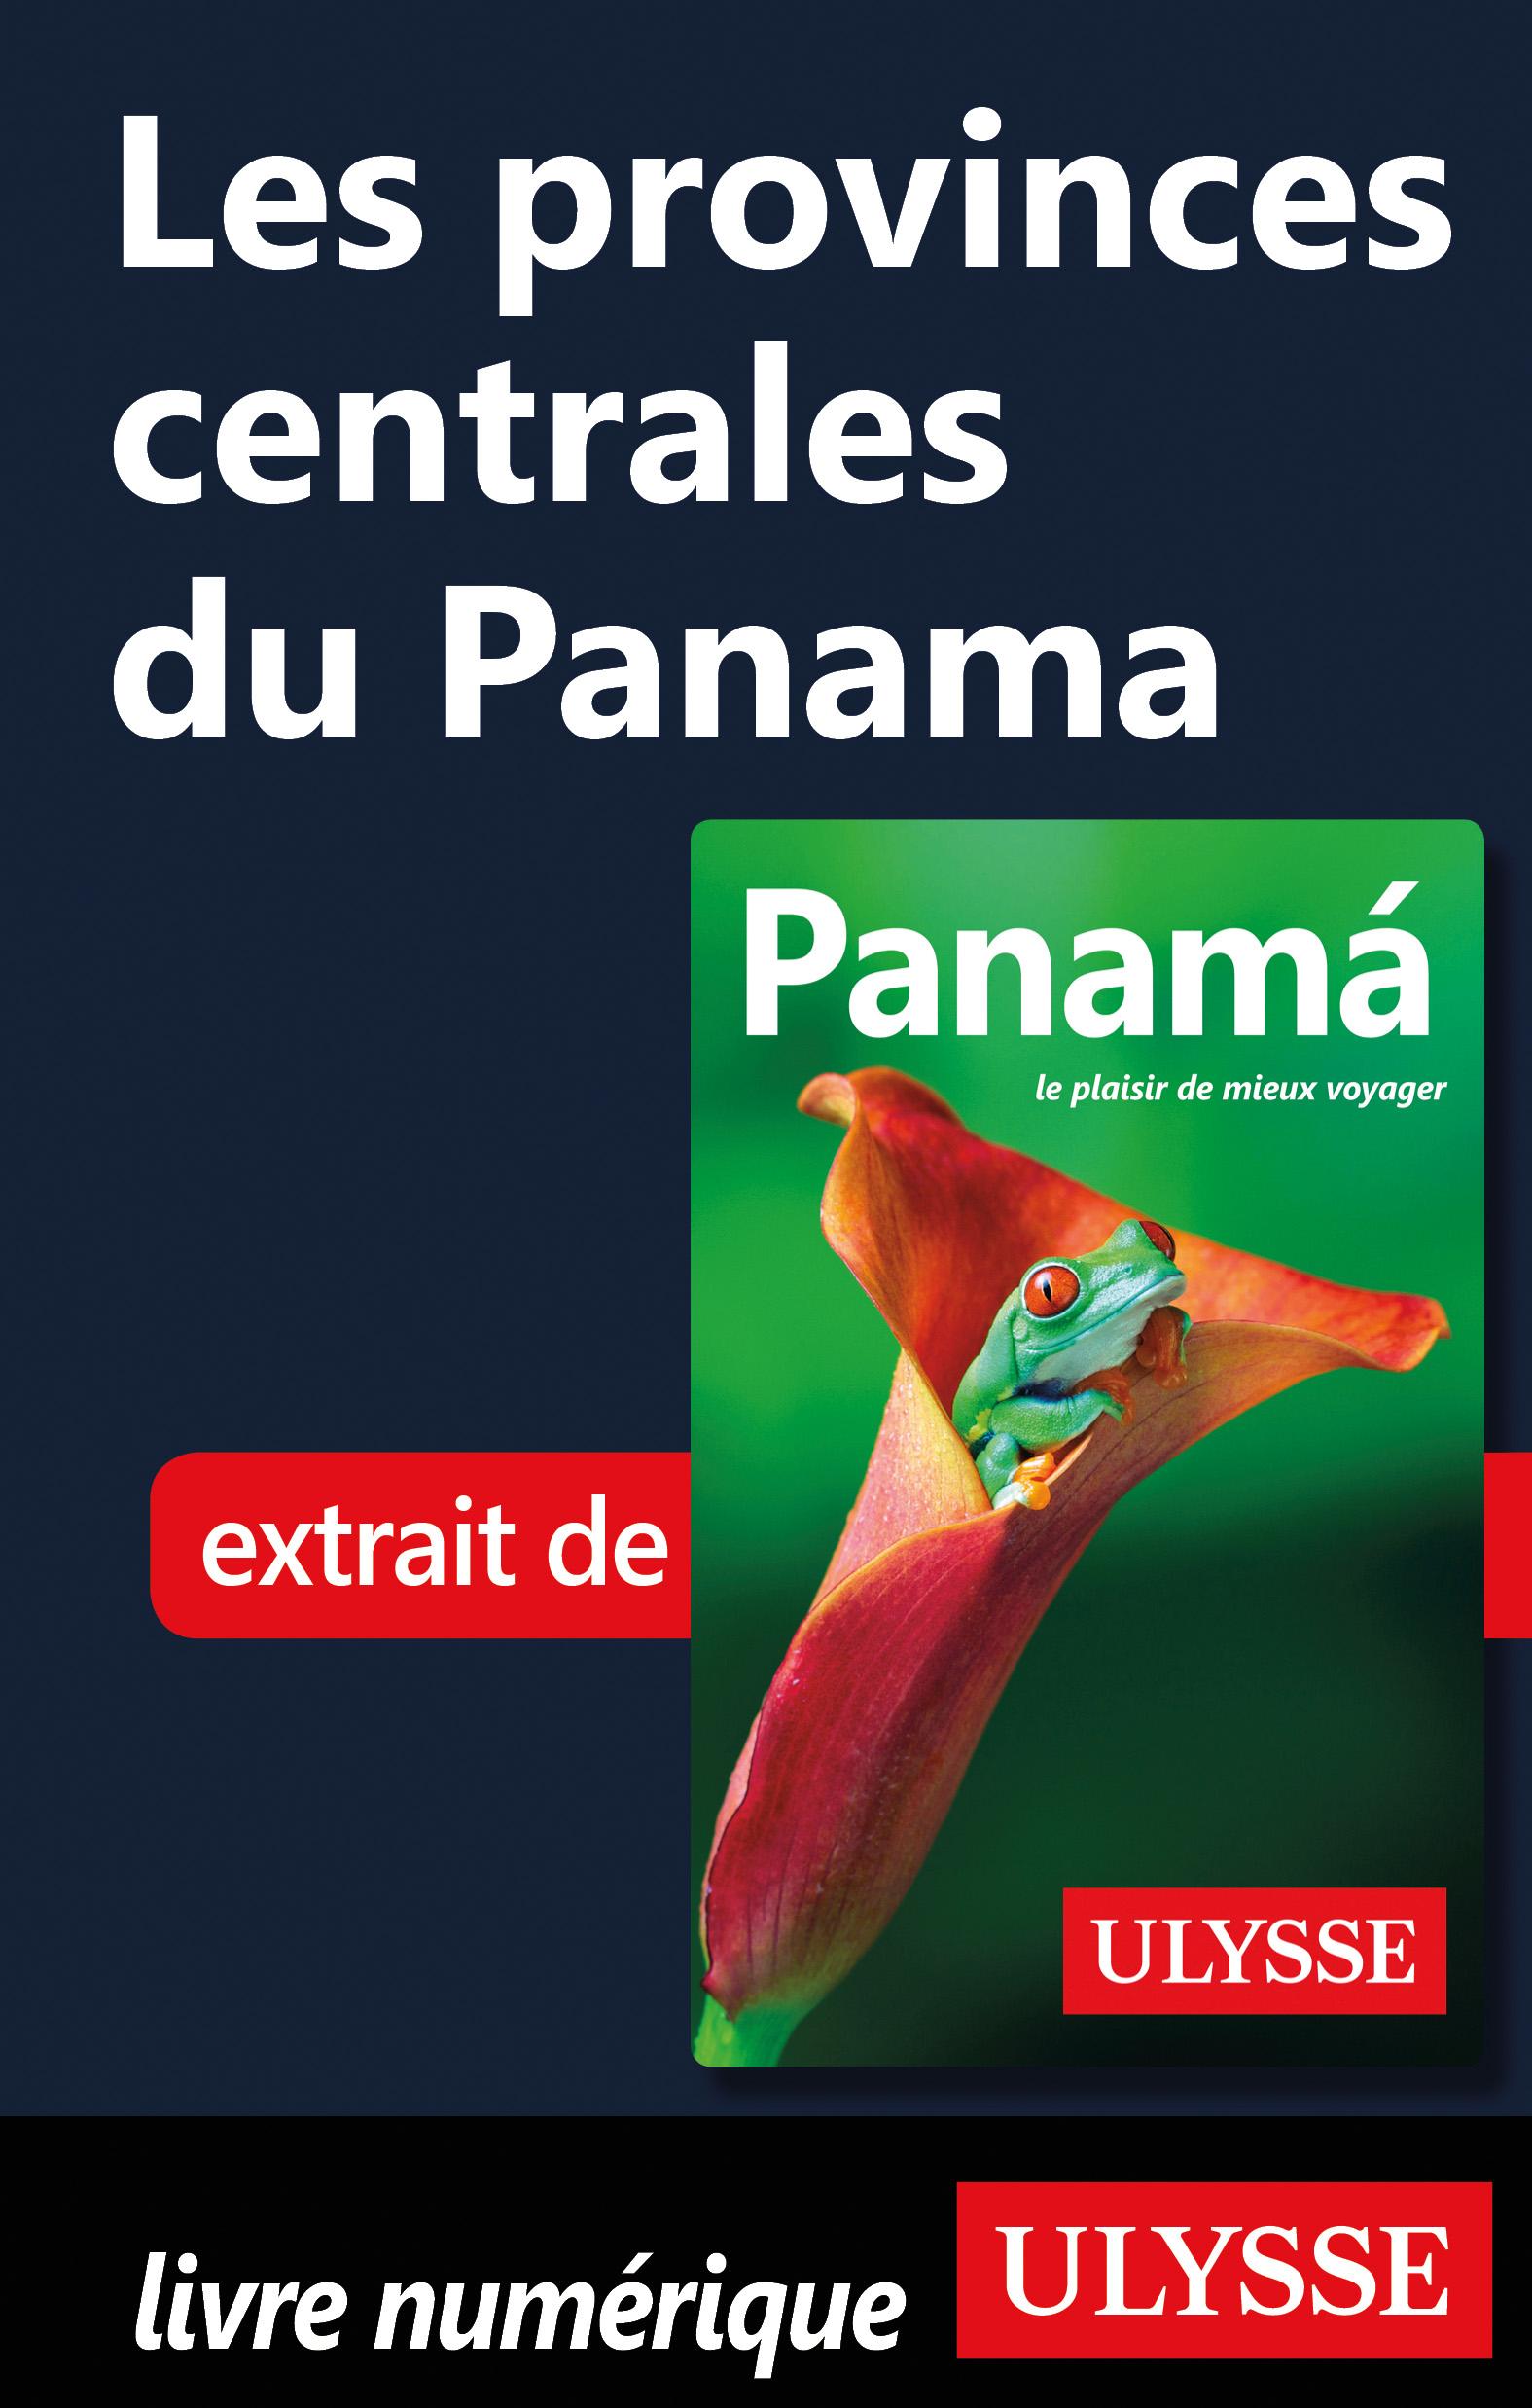 Les provinces centrales du Panama